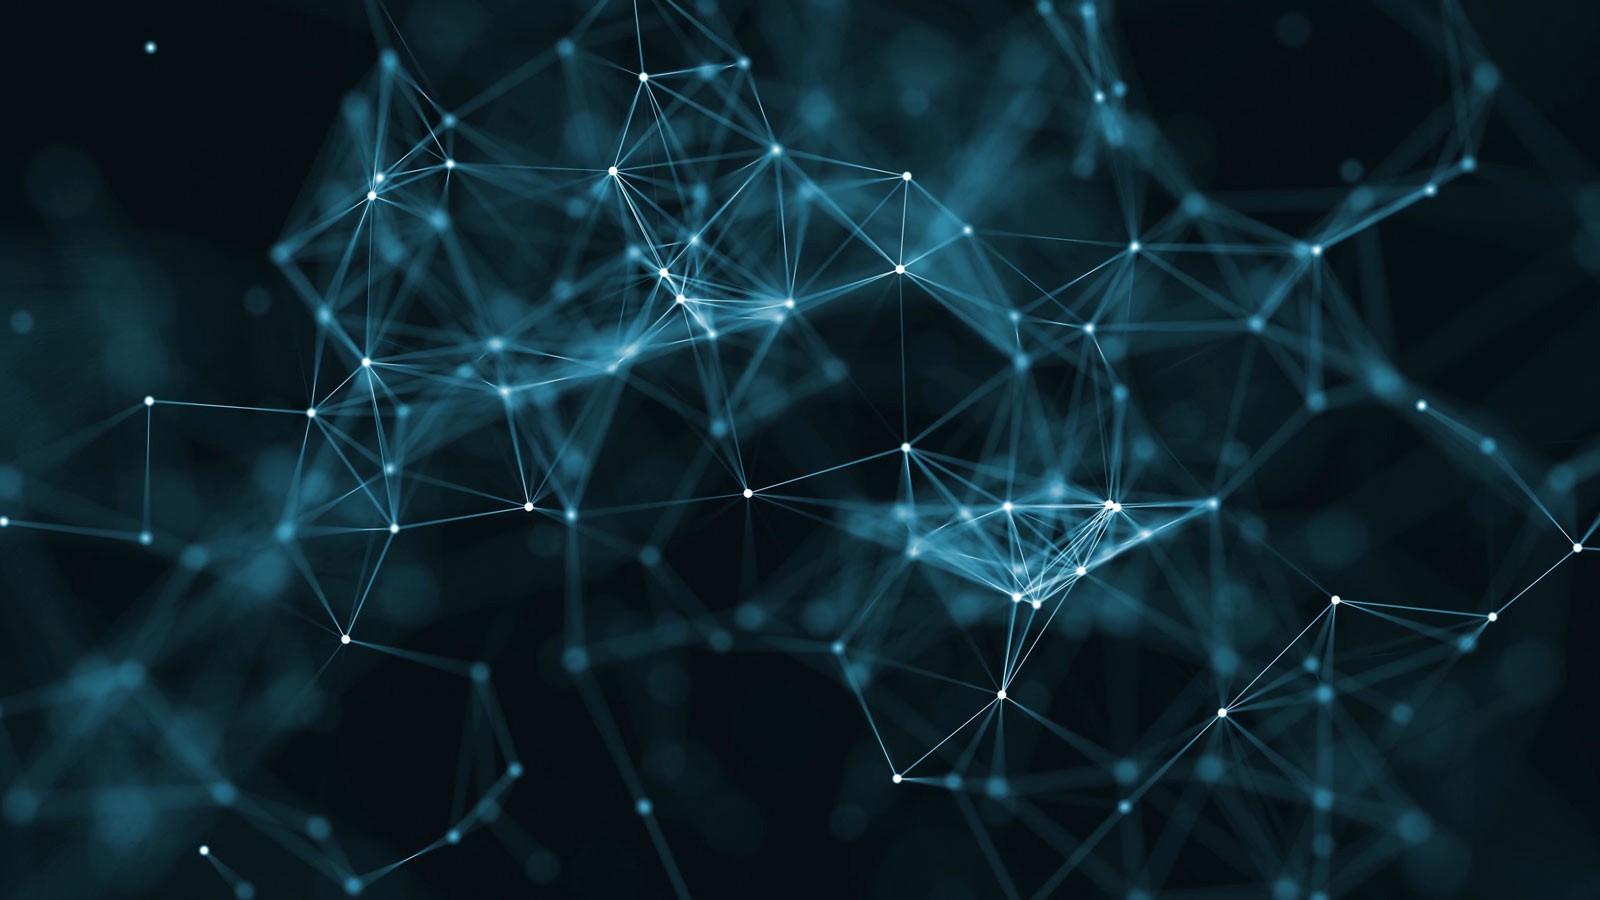 Blockchain y bases de datos descentralizadas: ¿son la misma cosa? | CriptoNoticias - Bitcoin, Blockchain, criptomonedas